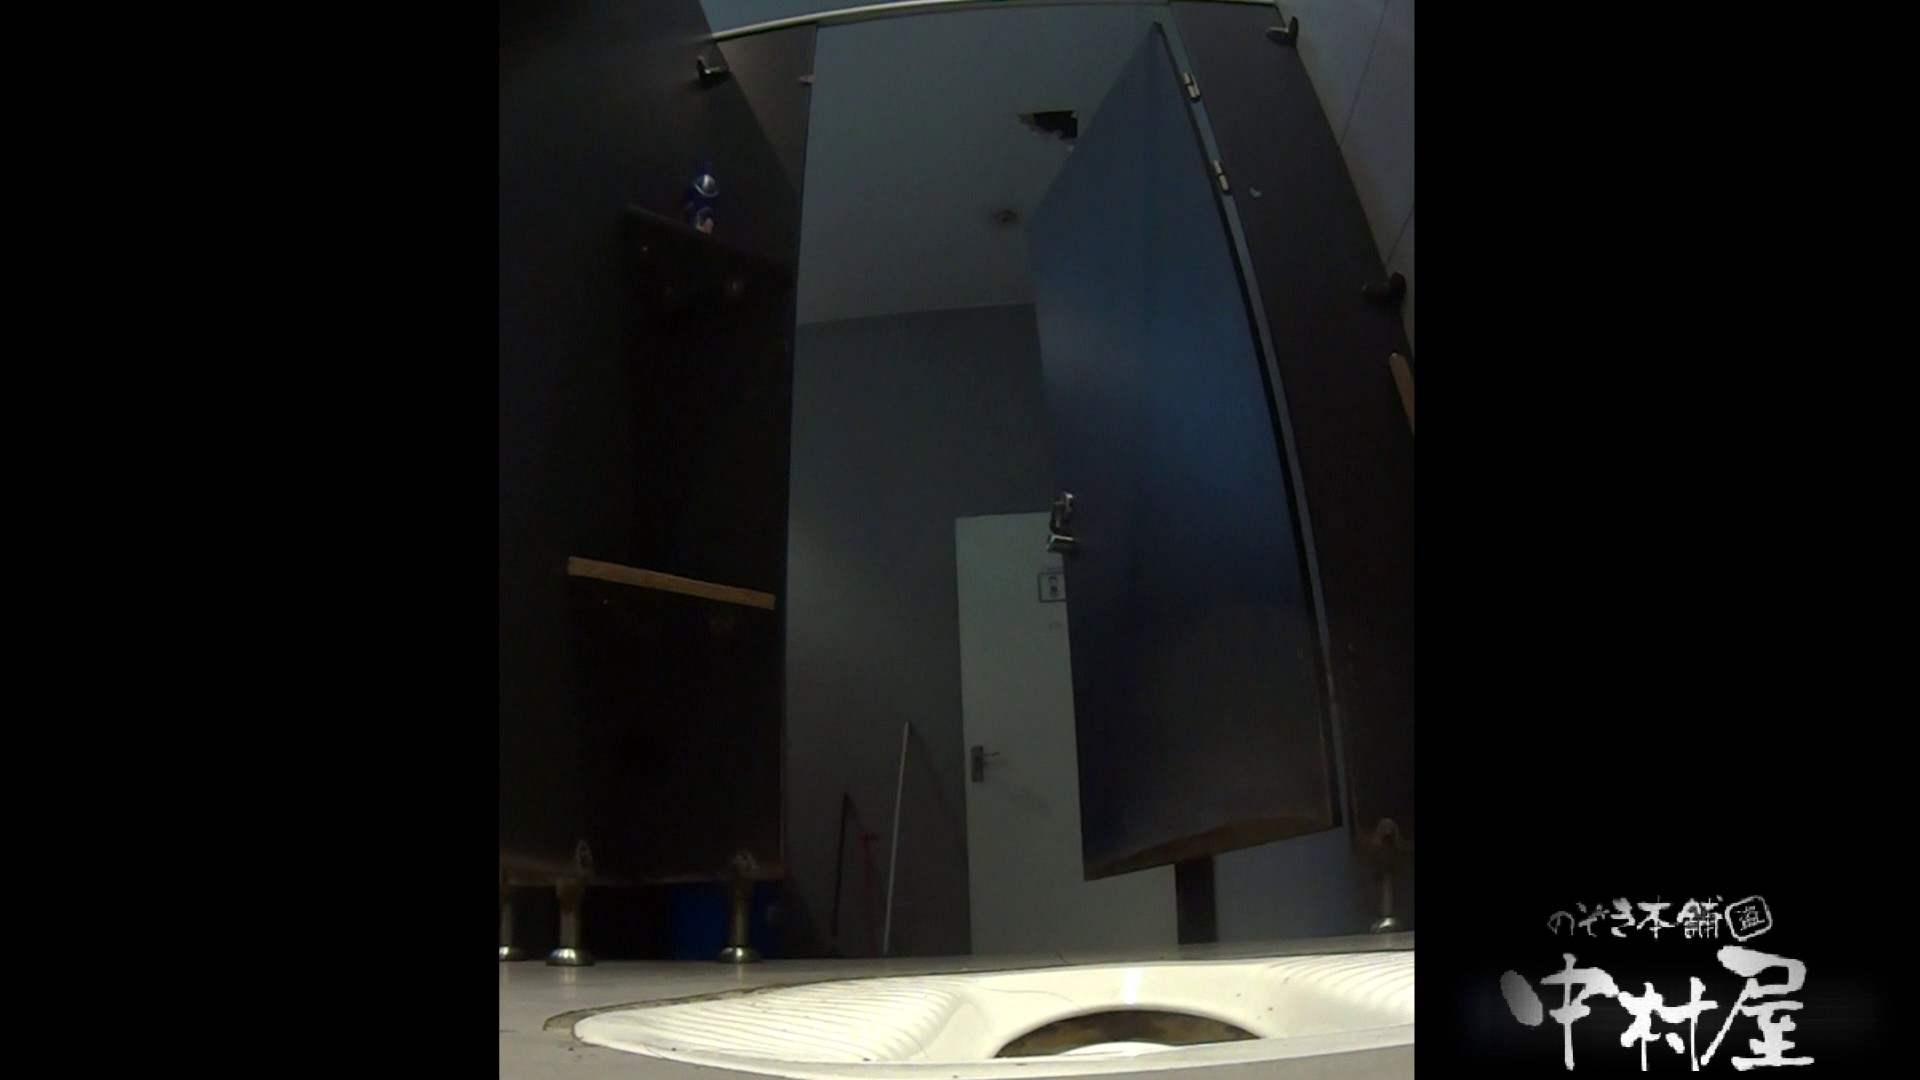 大学休憩時間の洗面所事情21 お姉さんのエロ動画 盗み撮り動画 108PIX 51